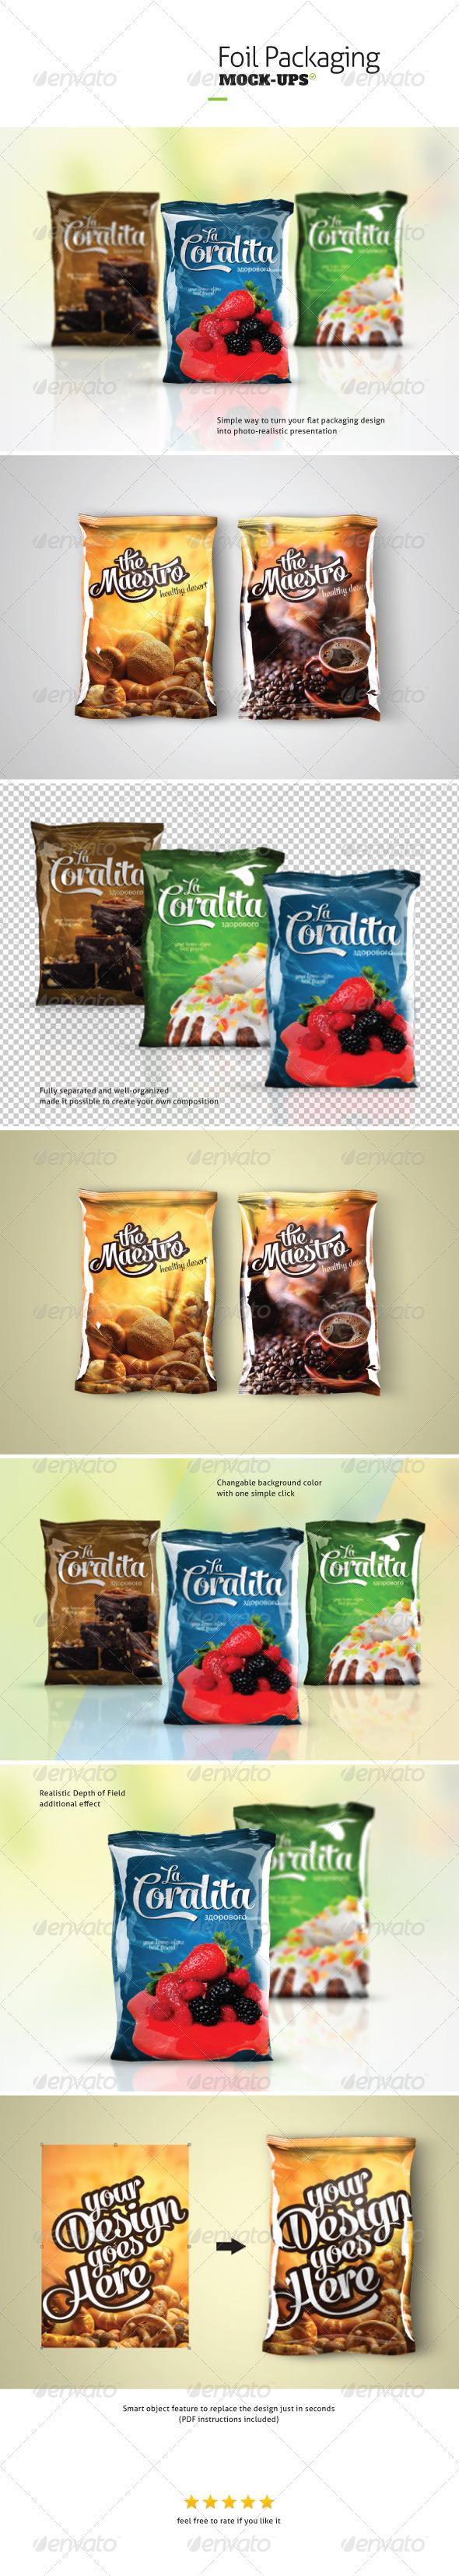 GraphicRiver Foil Packaging Mock-ups 5965213